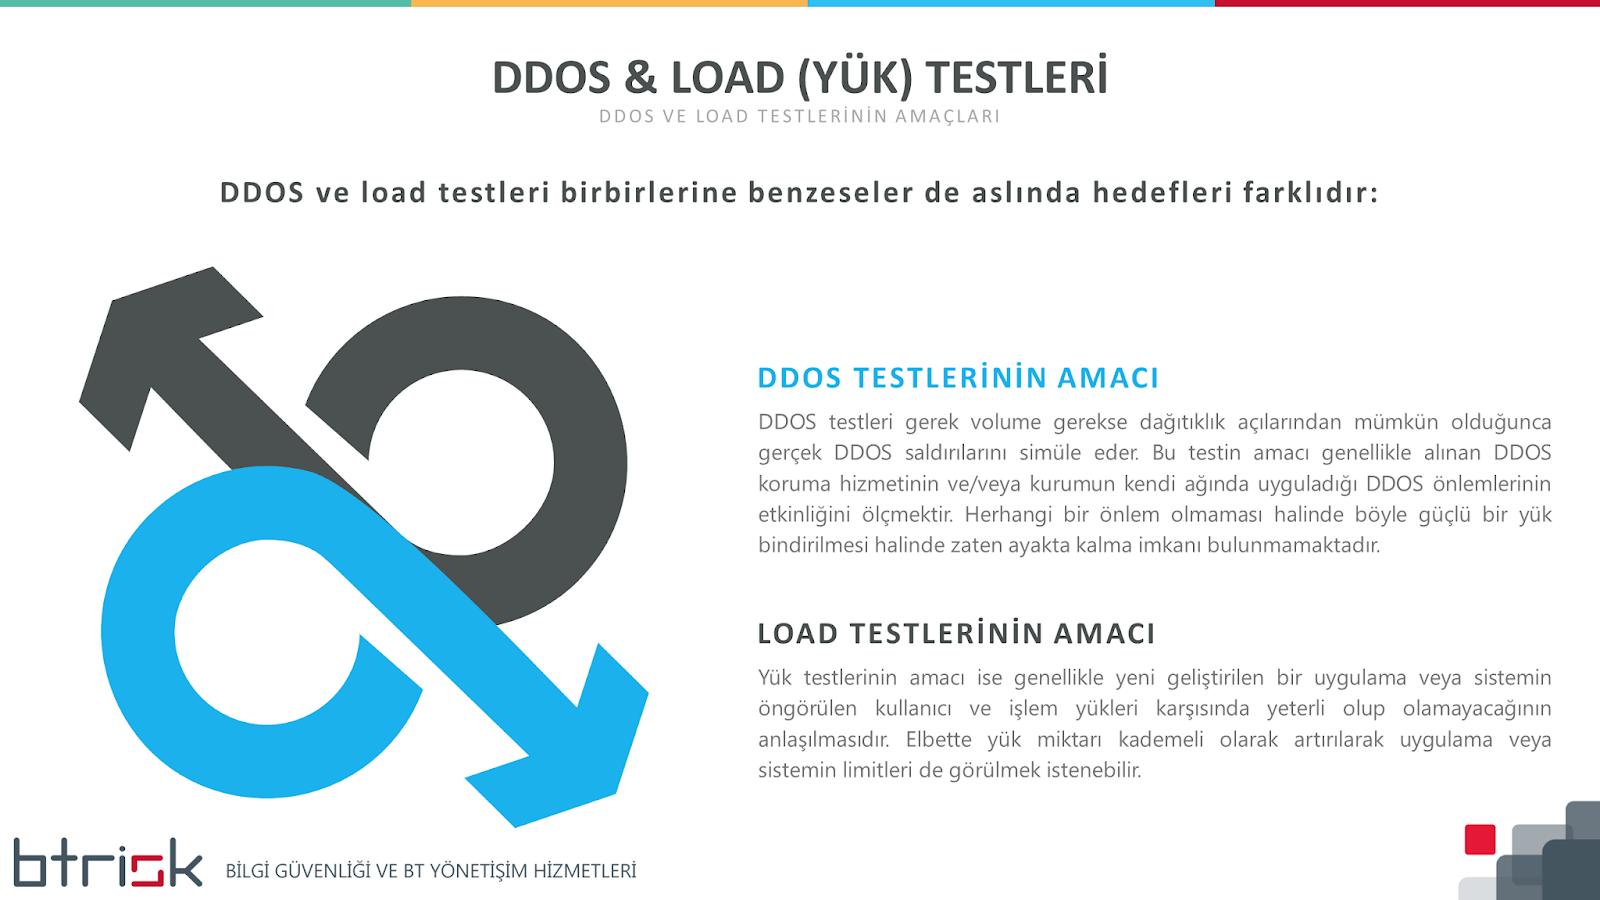 ddos-tools-slide